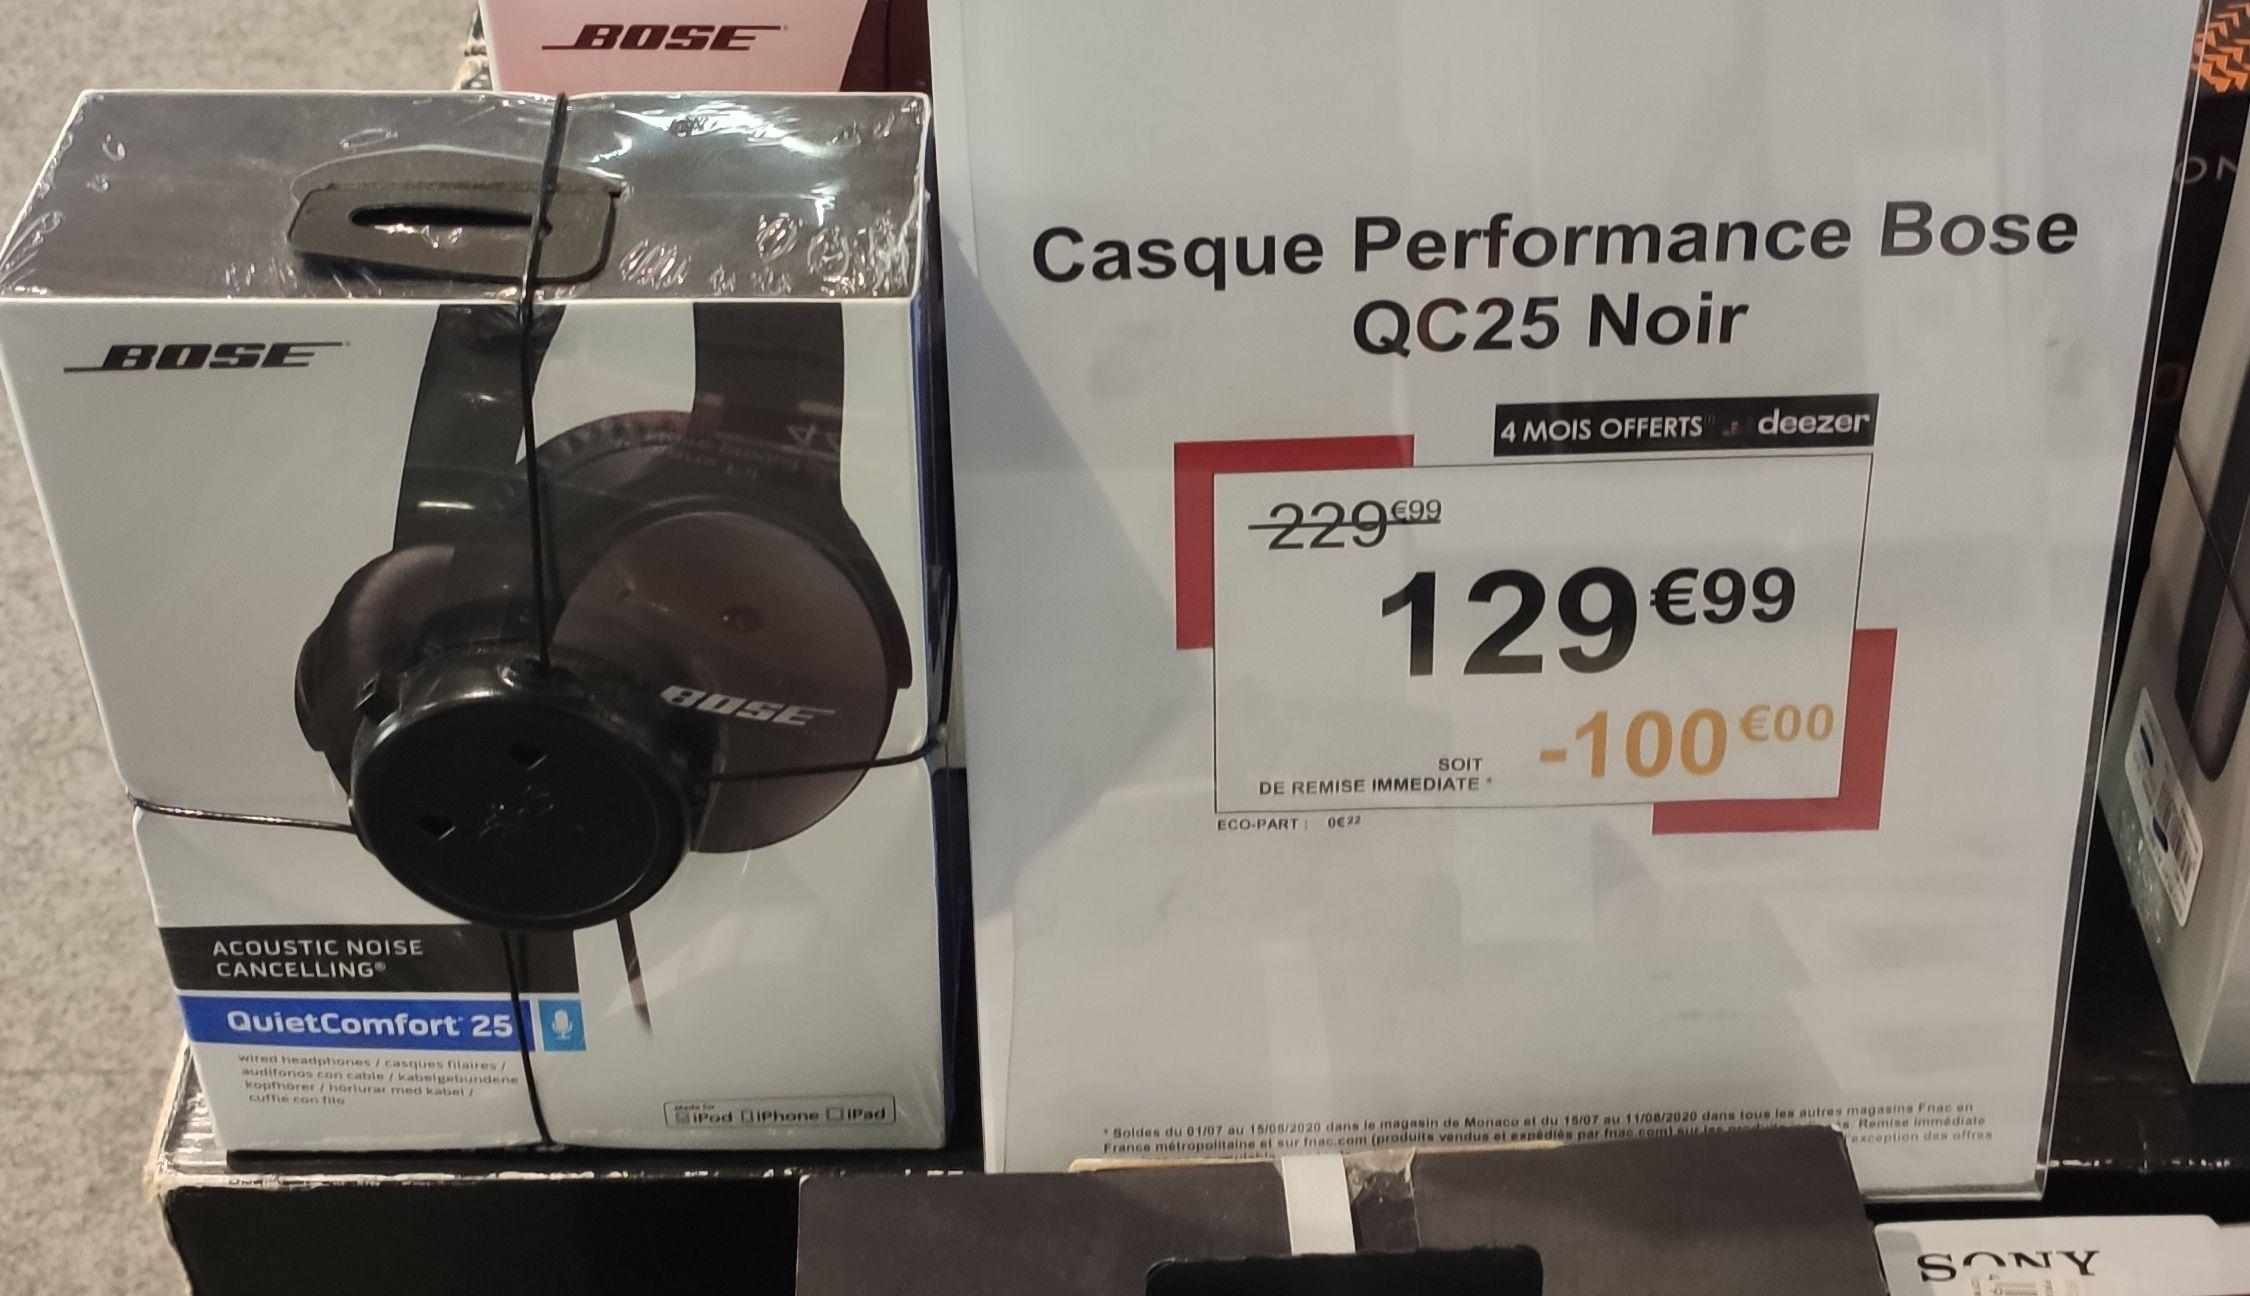 Casque Audio Bose QuietComfort 25 QC25 à réduction de bruit compatible Apple (Noir) - Belfort (90)